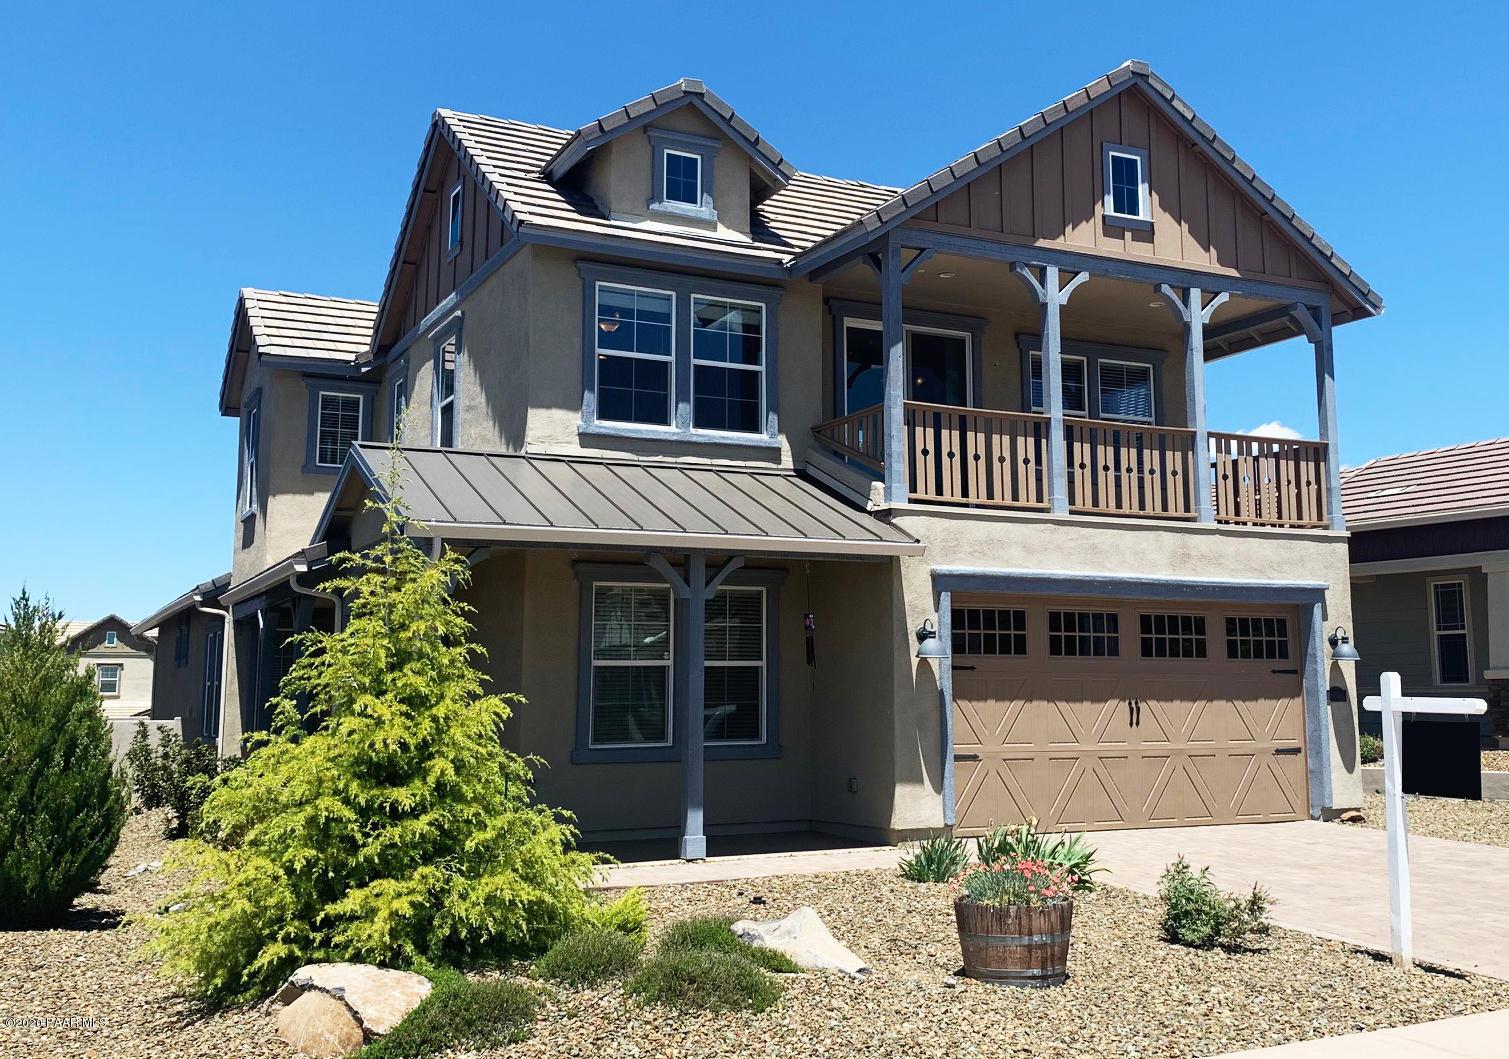 Photo of 1501 Varsity, Prescott, AZ 86301